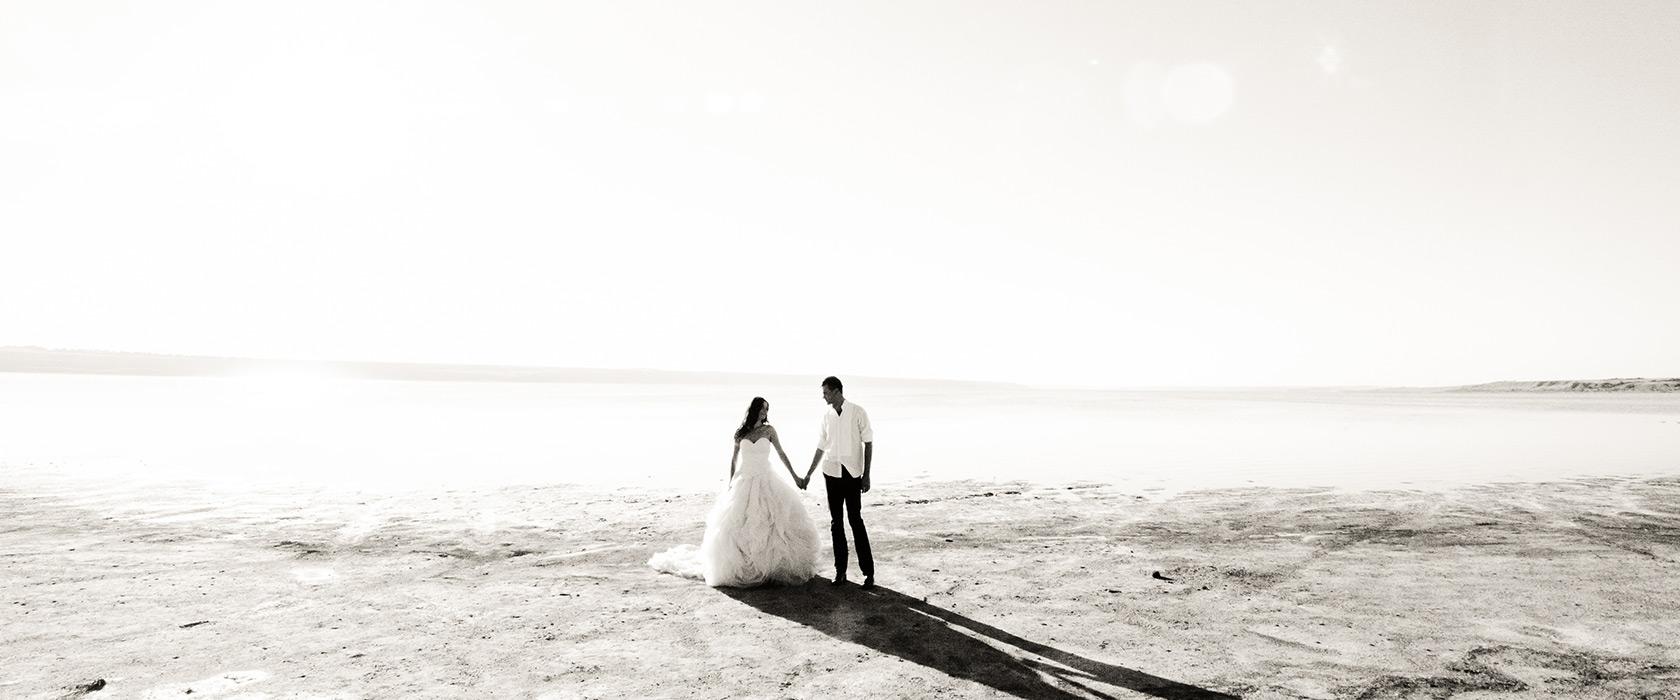 Ristorante AlMare - Eventi | Matrimoni | Banqueting